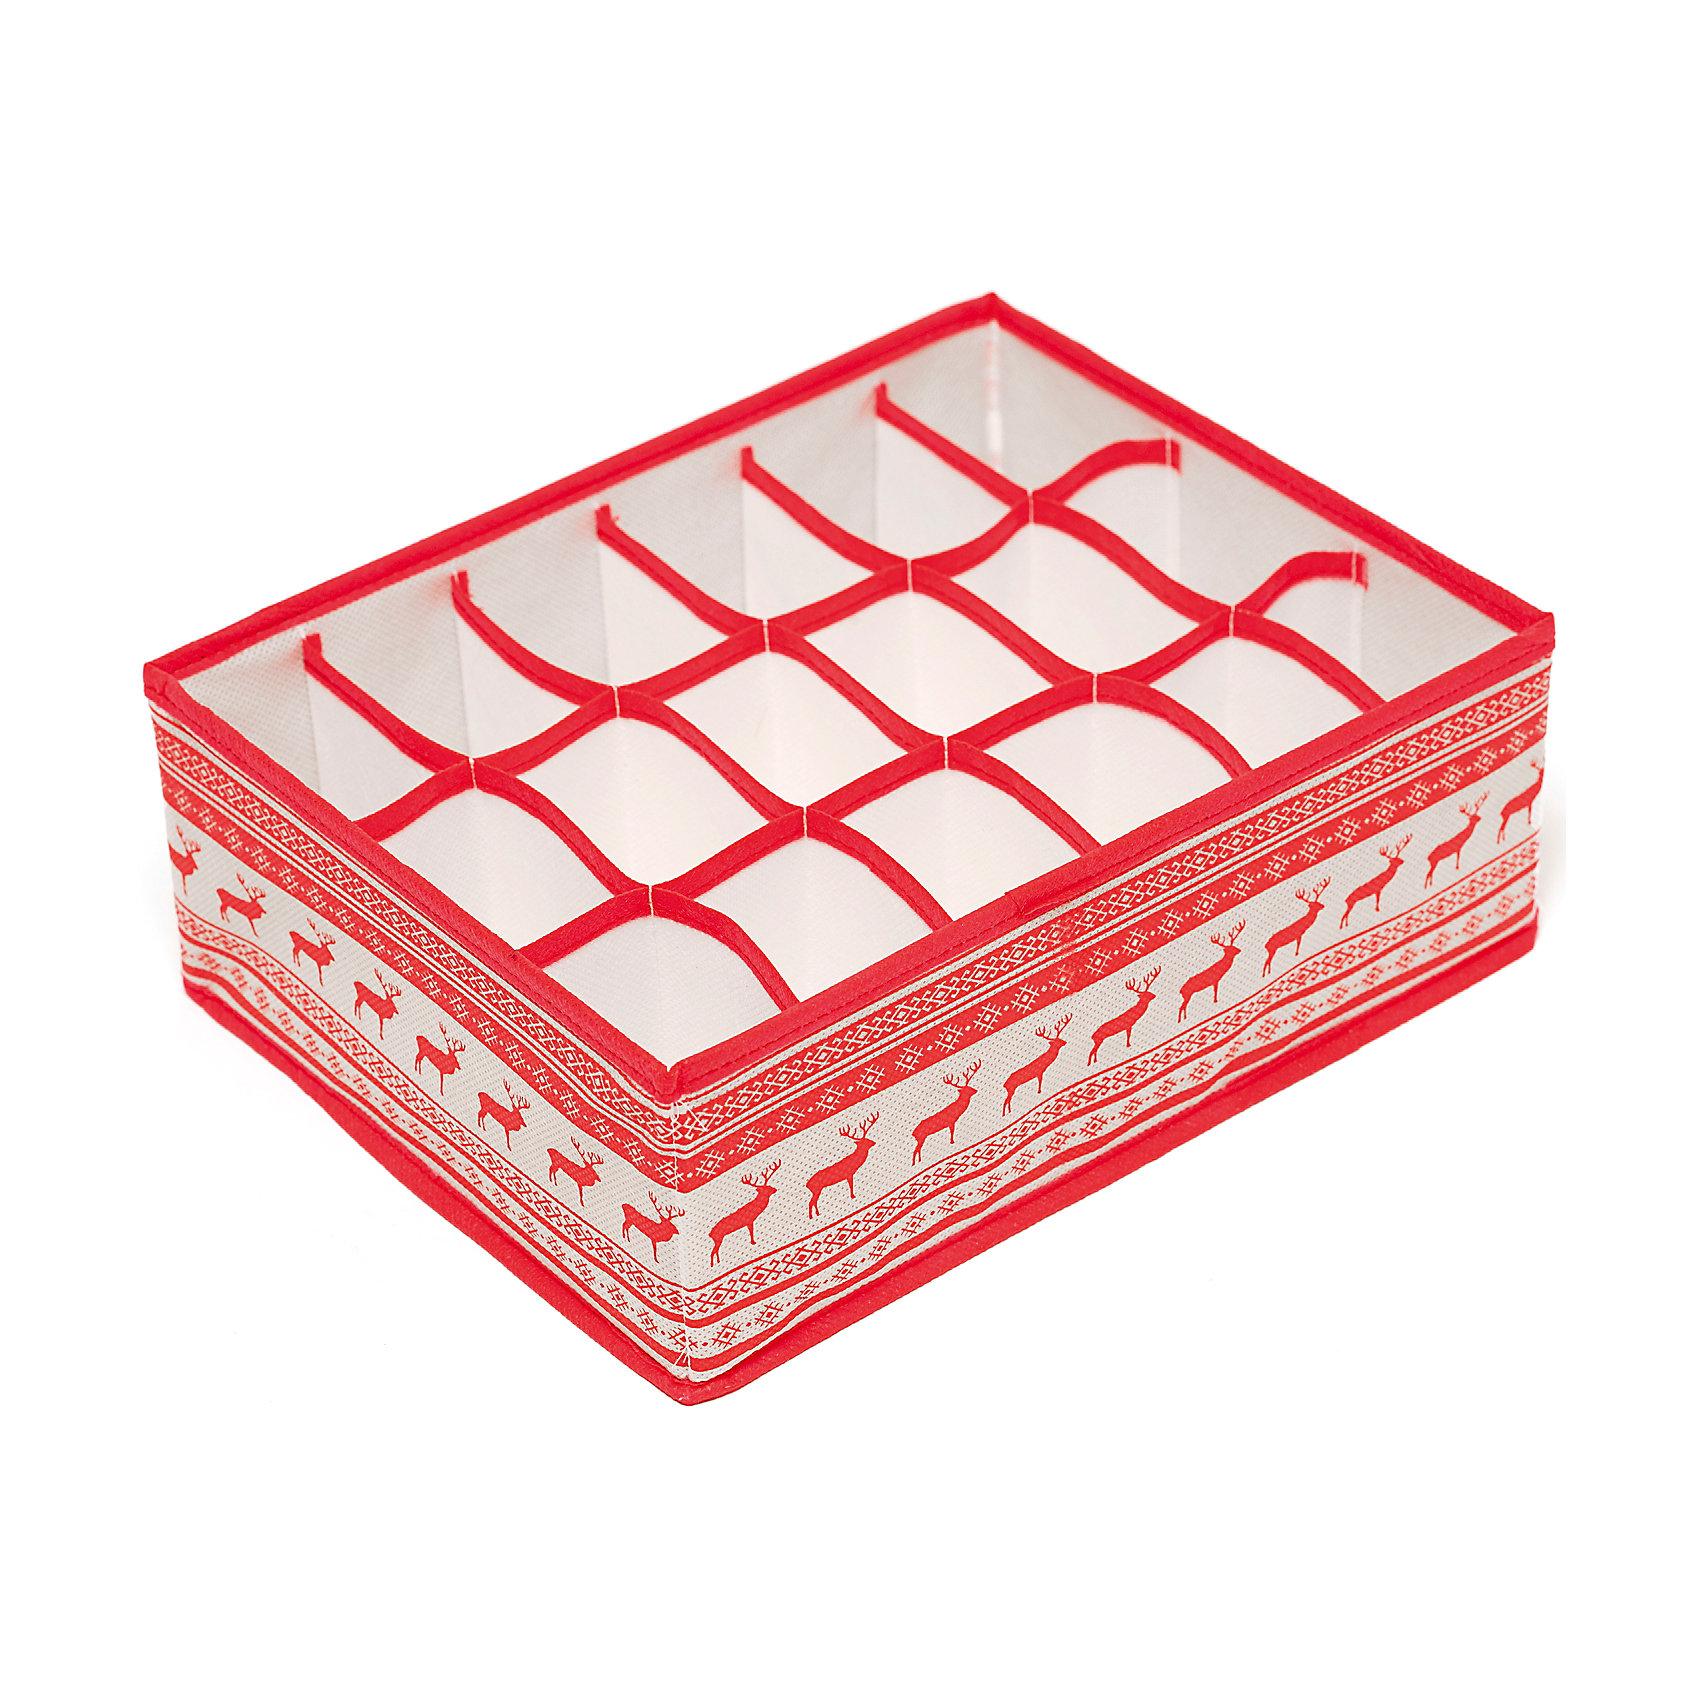 Органайзер на 18 секций Scandinavia (31*24*11), HomsuПорядок в детской<br>Характеристики товара:<br><br>• цвет: красный<br>• материал: спанбонд, картон<br>• размер: 31х24х11 см<br>• вес: 200 г<br>• легкий прочный каркас<br>• обеспечивает естественную вентиляцию<br>• вместимость: 18 отделений<br>• страна бренда: Россия<br>• страна изготовитель: Китай<br><br>Органайзер на 18 секций Scandinavia от бренда Homsu (Хомсу) - очень удобная вещь для хранения вещей и эргономичной организации пространства.<br><br>Он легкий, устойчивый, вместительный, обеспечивает естественную вентиляцию.<br><br>Органайзер на 18 секций Scandinavia (31*24*11), Homsu можно купить в нашем интернет-магазине.<br><br>Ширина мм: 530<br>Глубина мм: 110<br>Высота мм: 20<br>Вес г: 200<br>Возраст от месяцев: 216<br>Возраст до месяцев: 1188<br>Пол: Унисекс<br>Возраст: Детский<br>SKU: 5620166